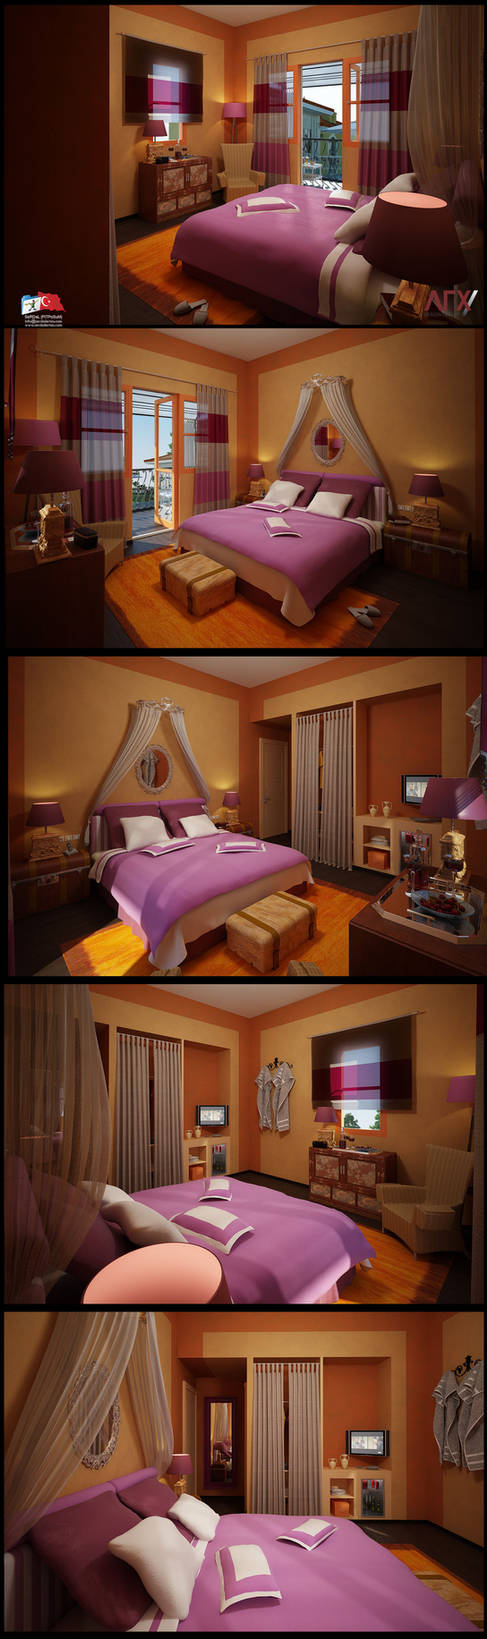 La-Capria-Room04